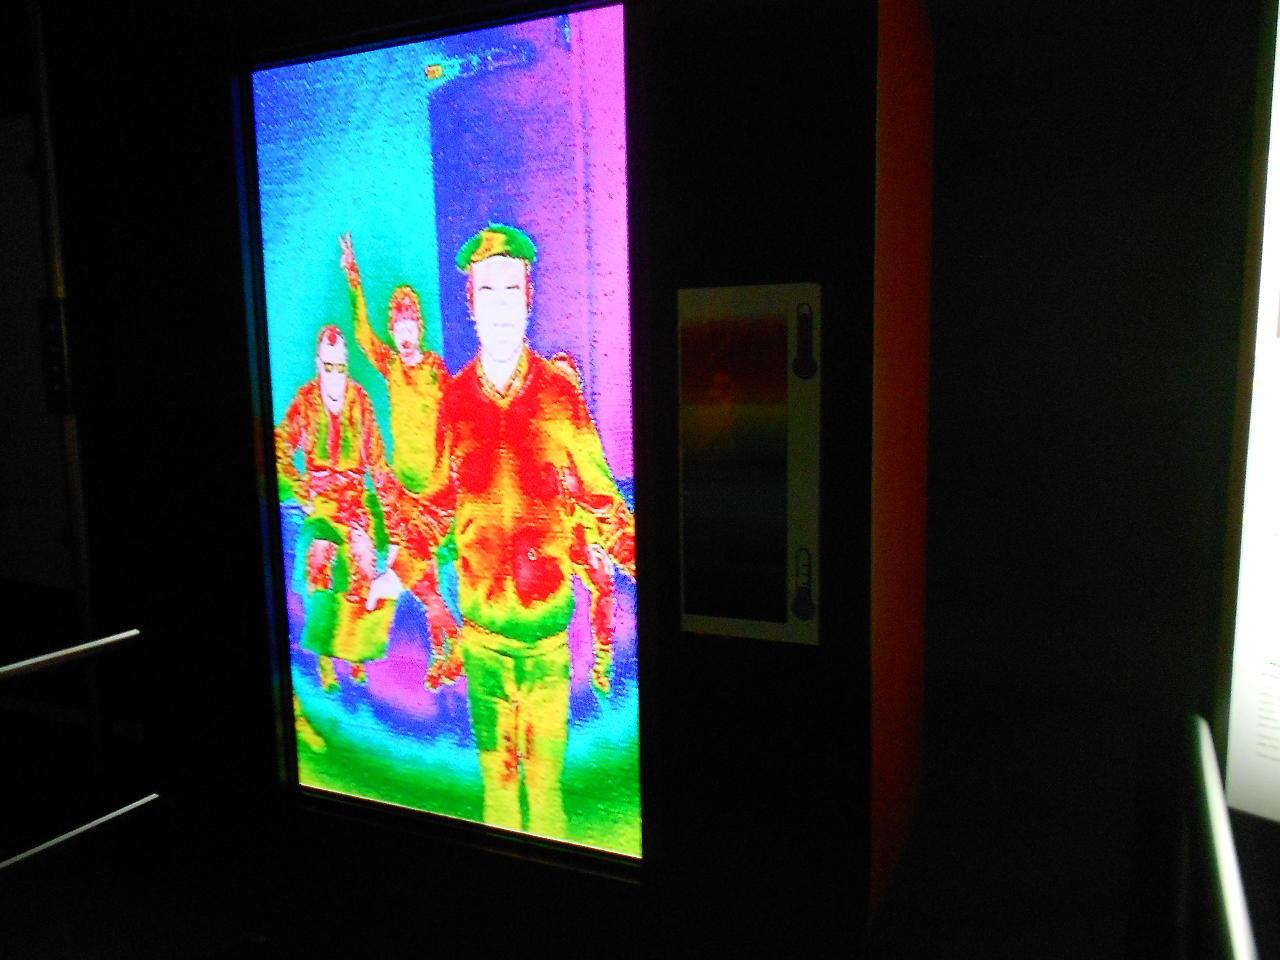 C'est qui, lui ?... plus l'image est rouge, plus il a chaud ; petit indice : le béret vert est normalement noir !